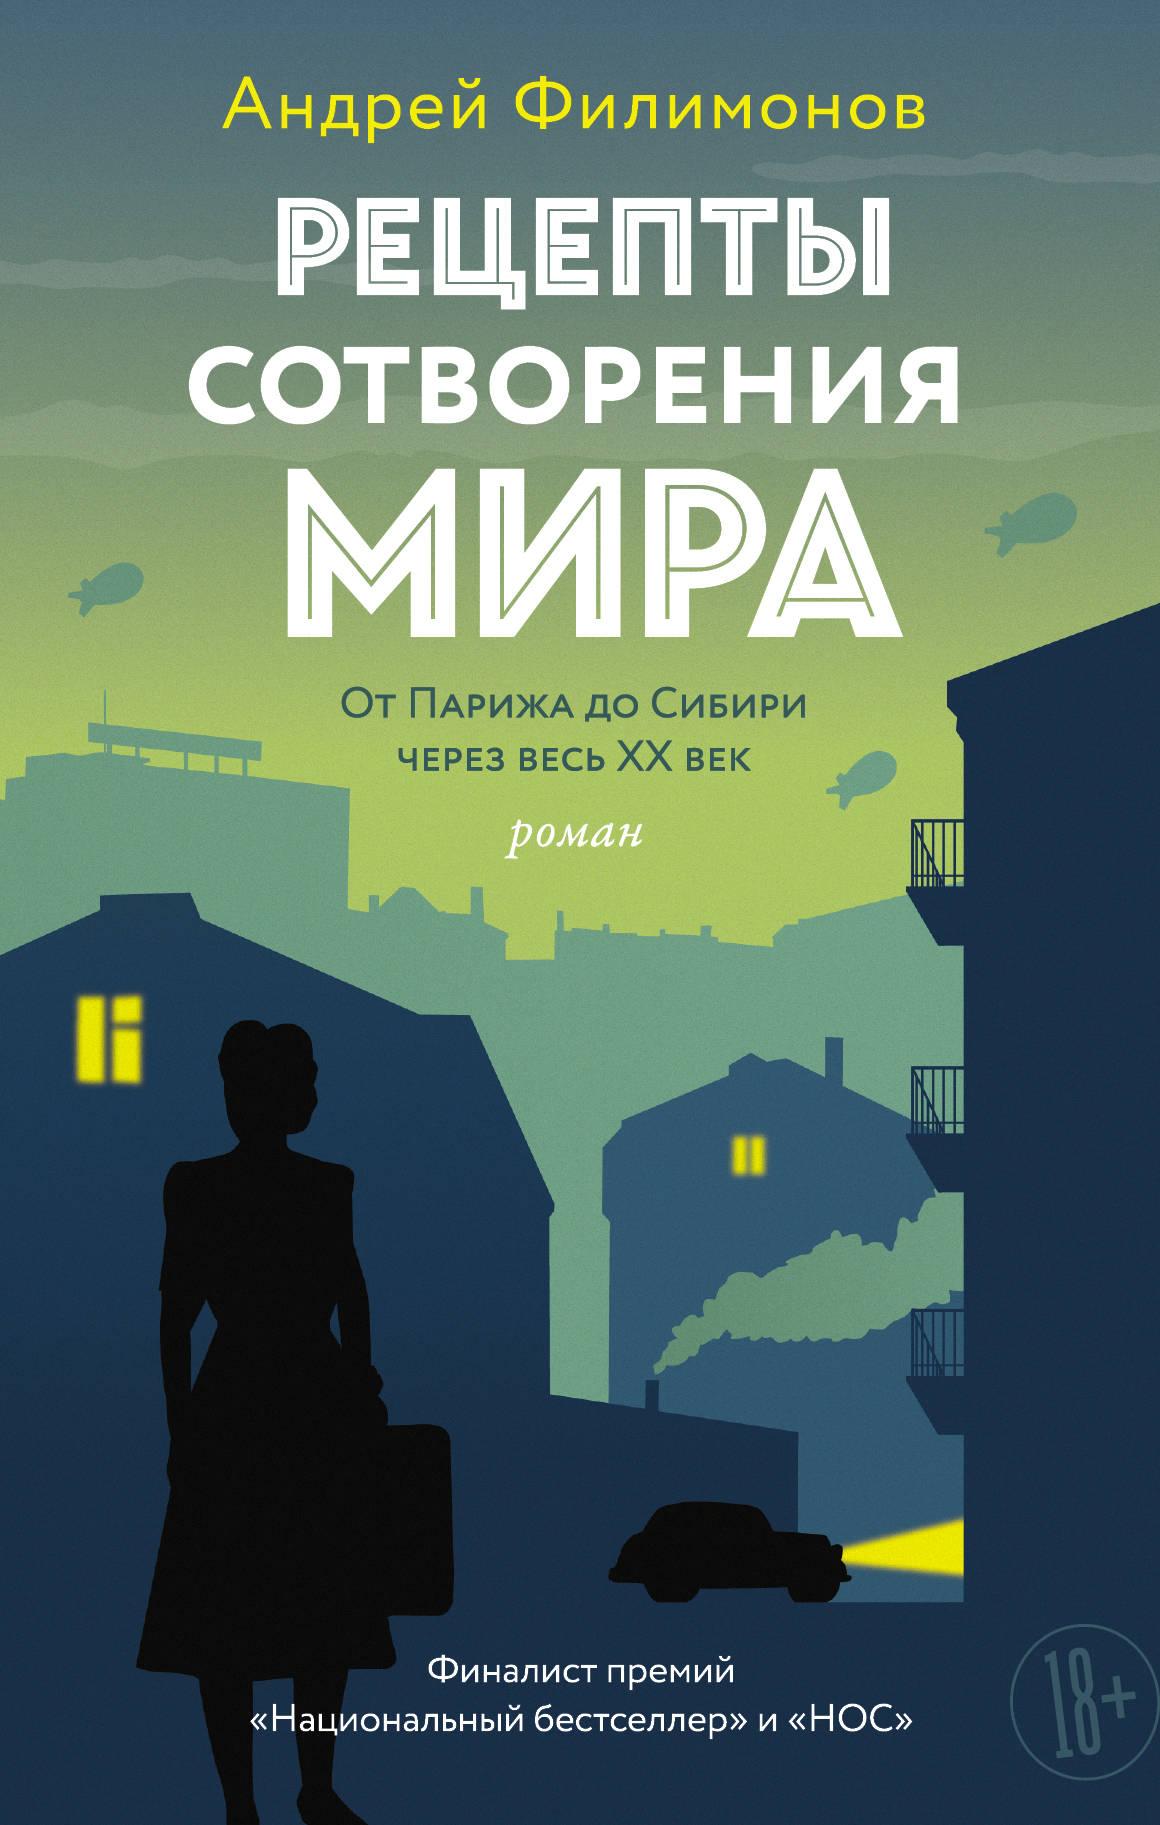 Андрей Филимонов Рецепты сотворения мира